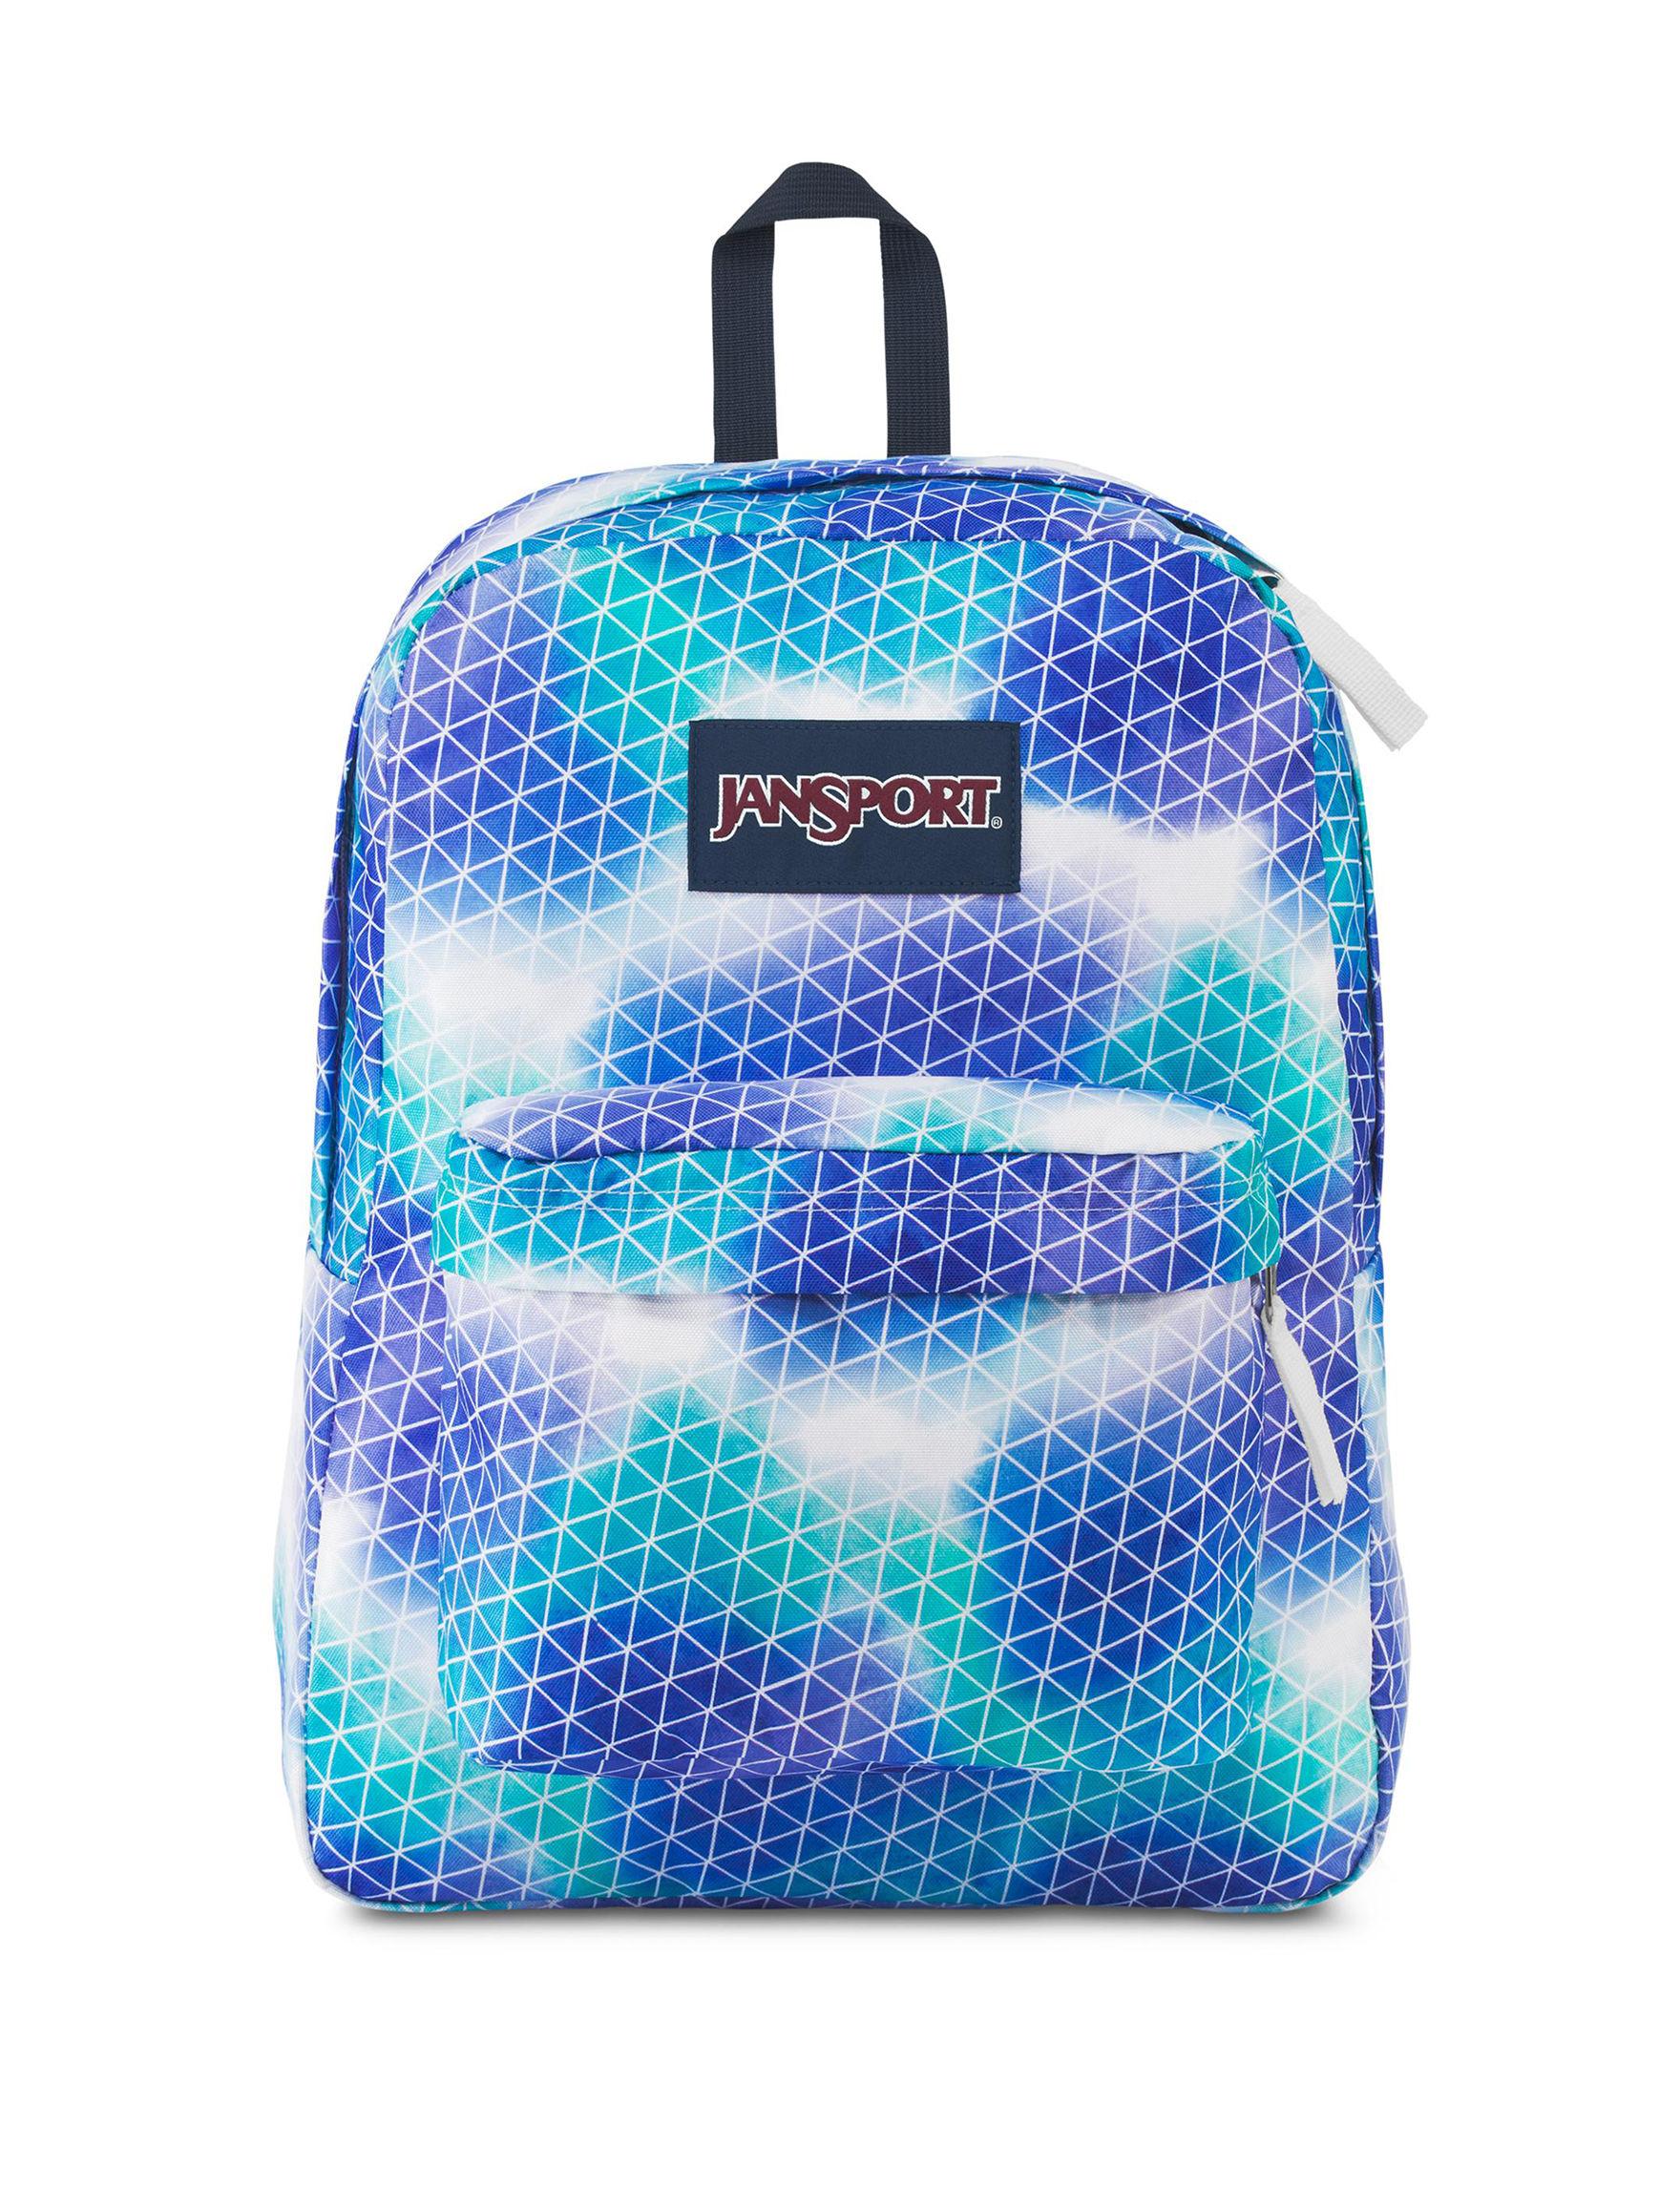 Jansport Blue / Multi Bookbags & Backpacks